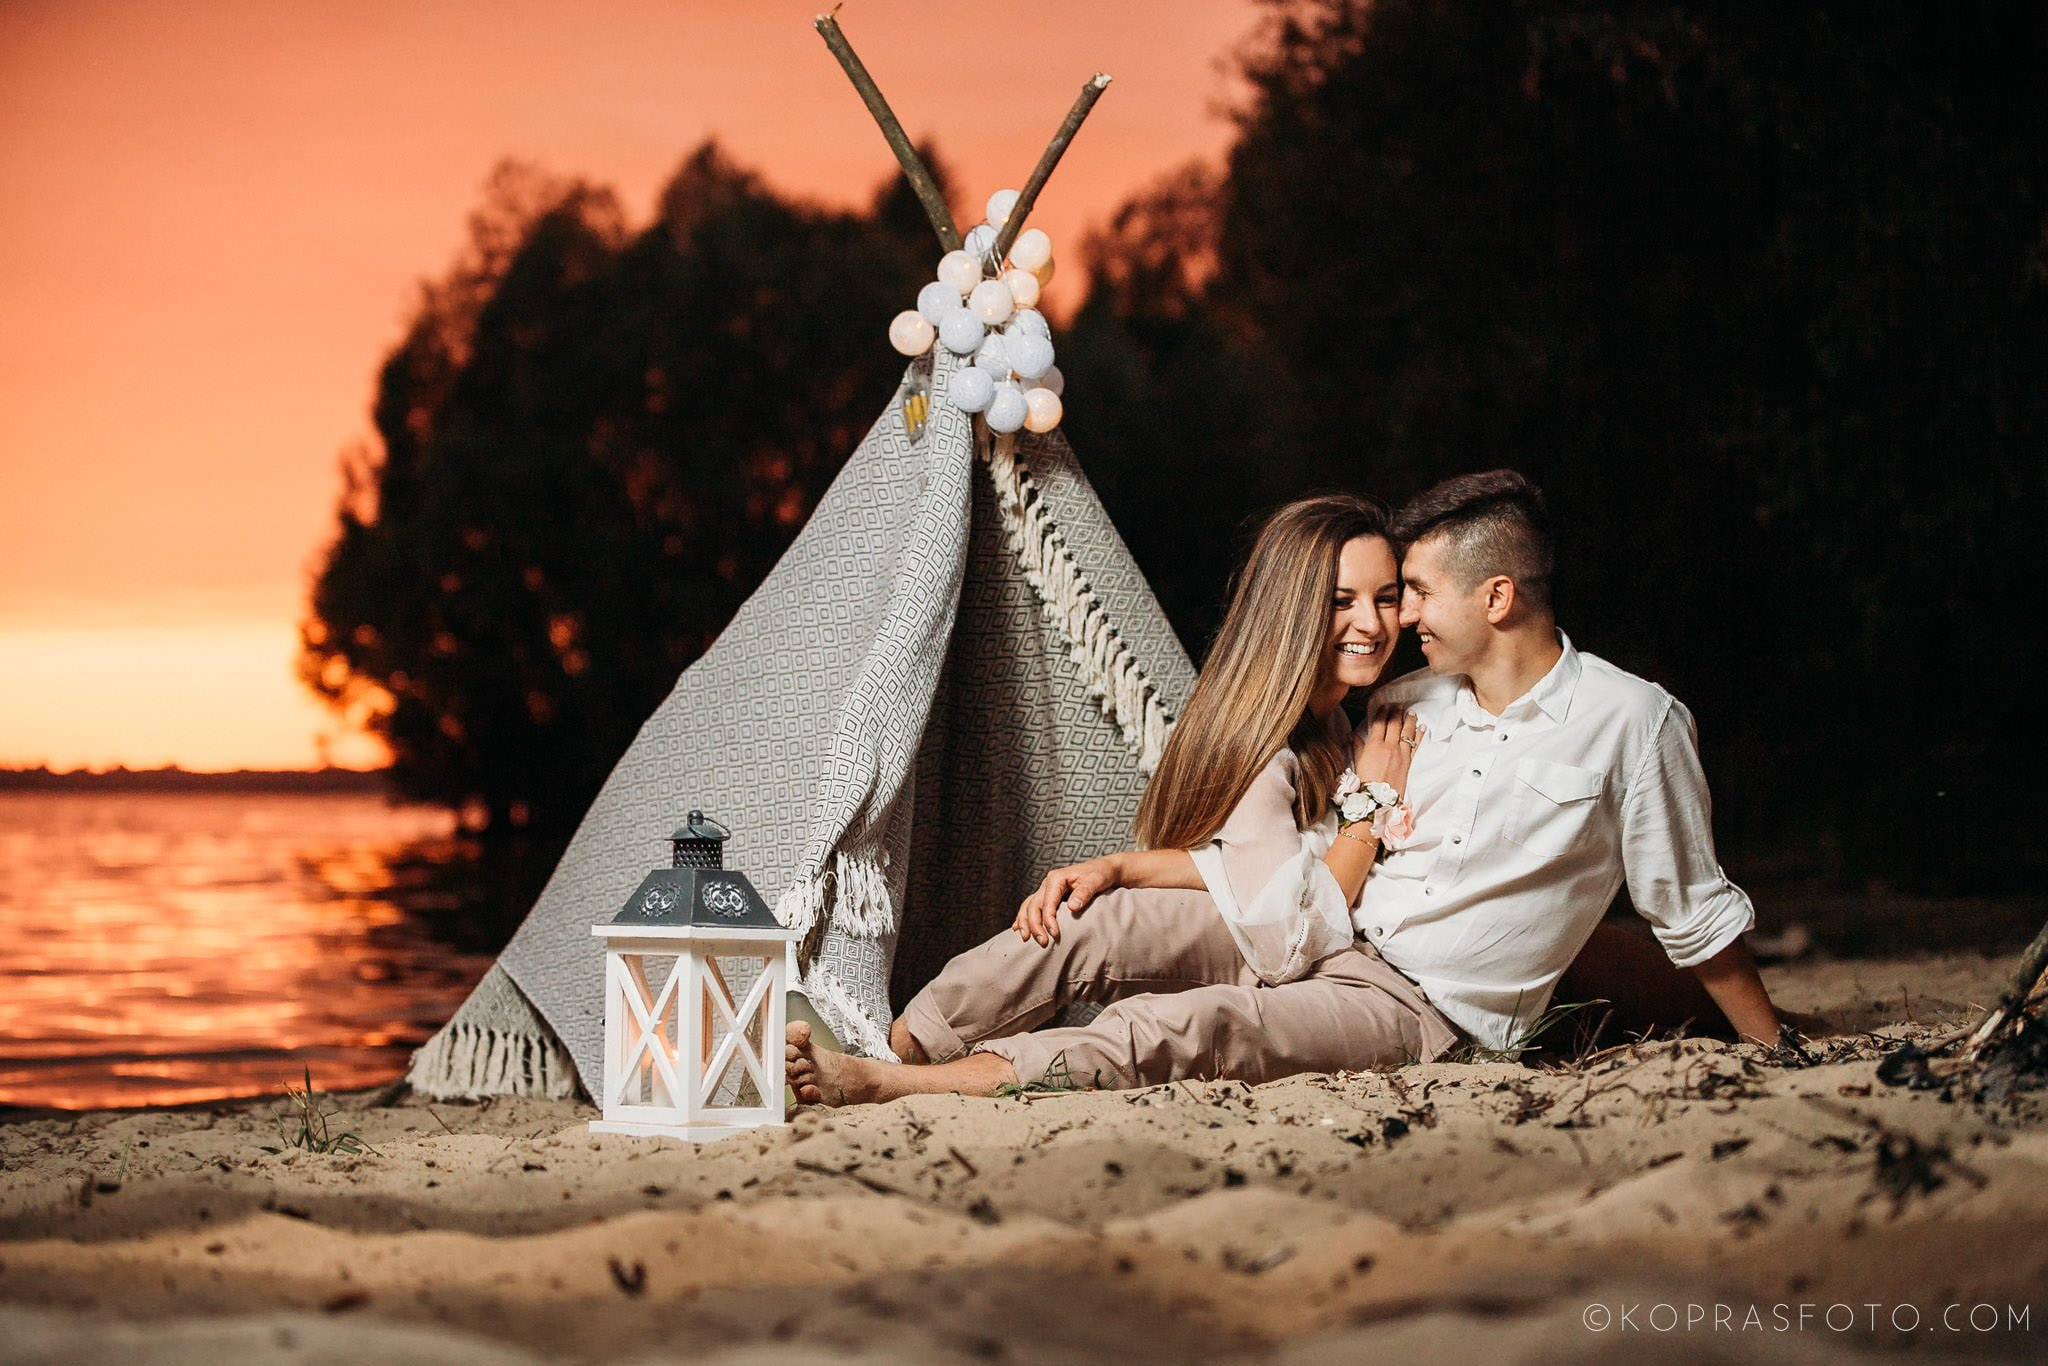 romantyczna sesja narzeczeńska, piękne zdjęcia, kreatywna fotografia, zbiornik jeziorsko, naturalne zdjęcia, radość, emocje, fotograf slubny Klisz,